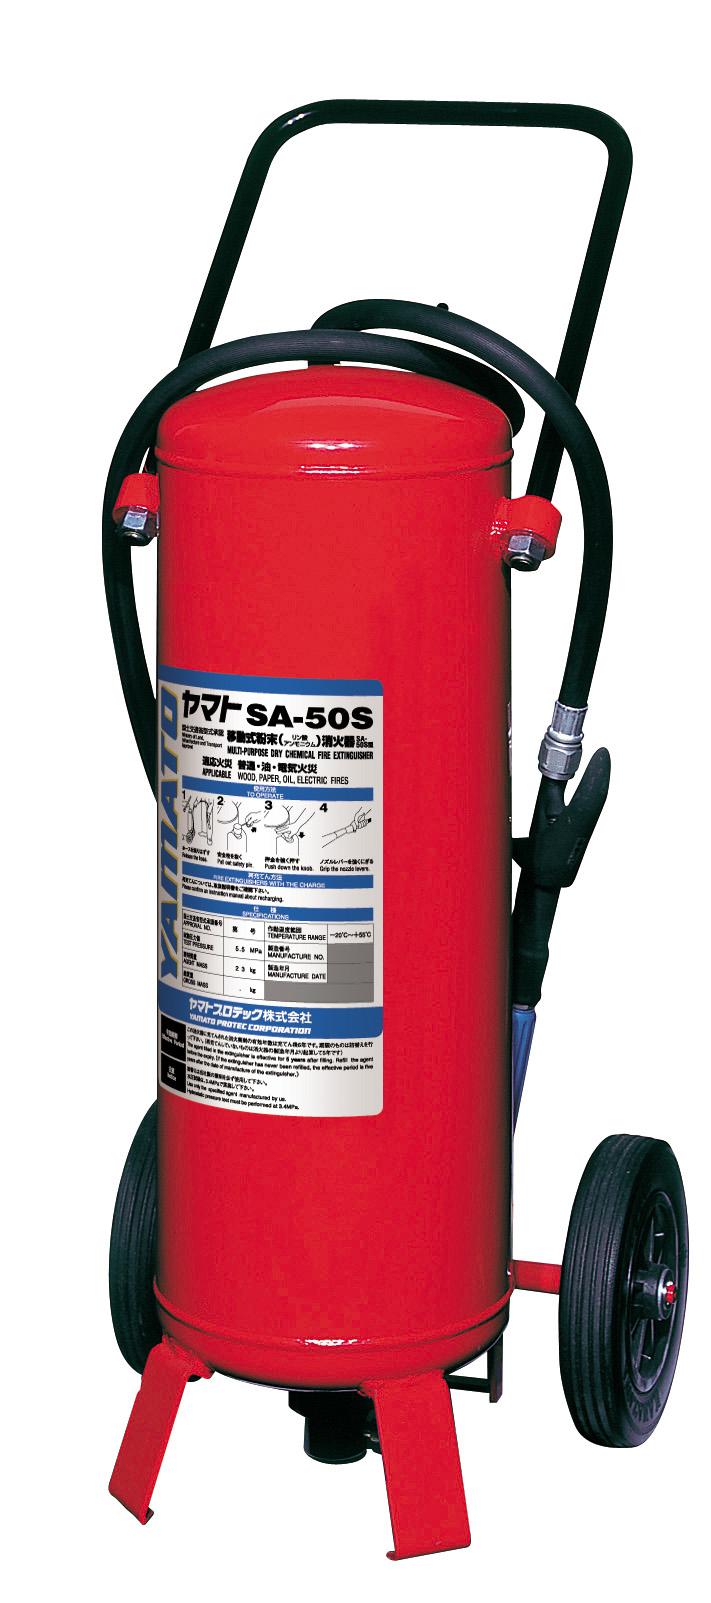 船舶用移動式粉末(ABC)消火器 SA-50S